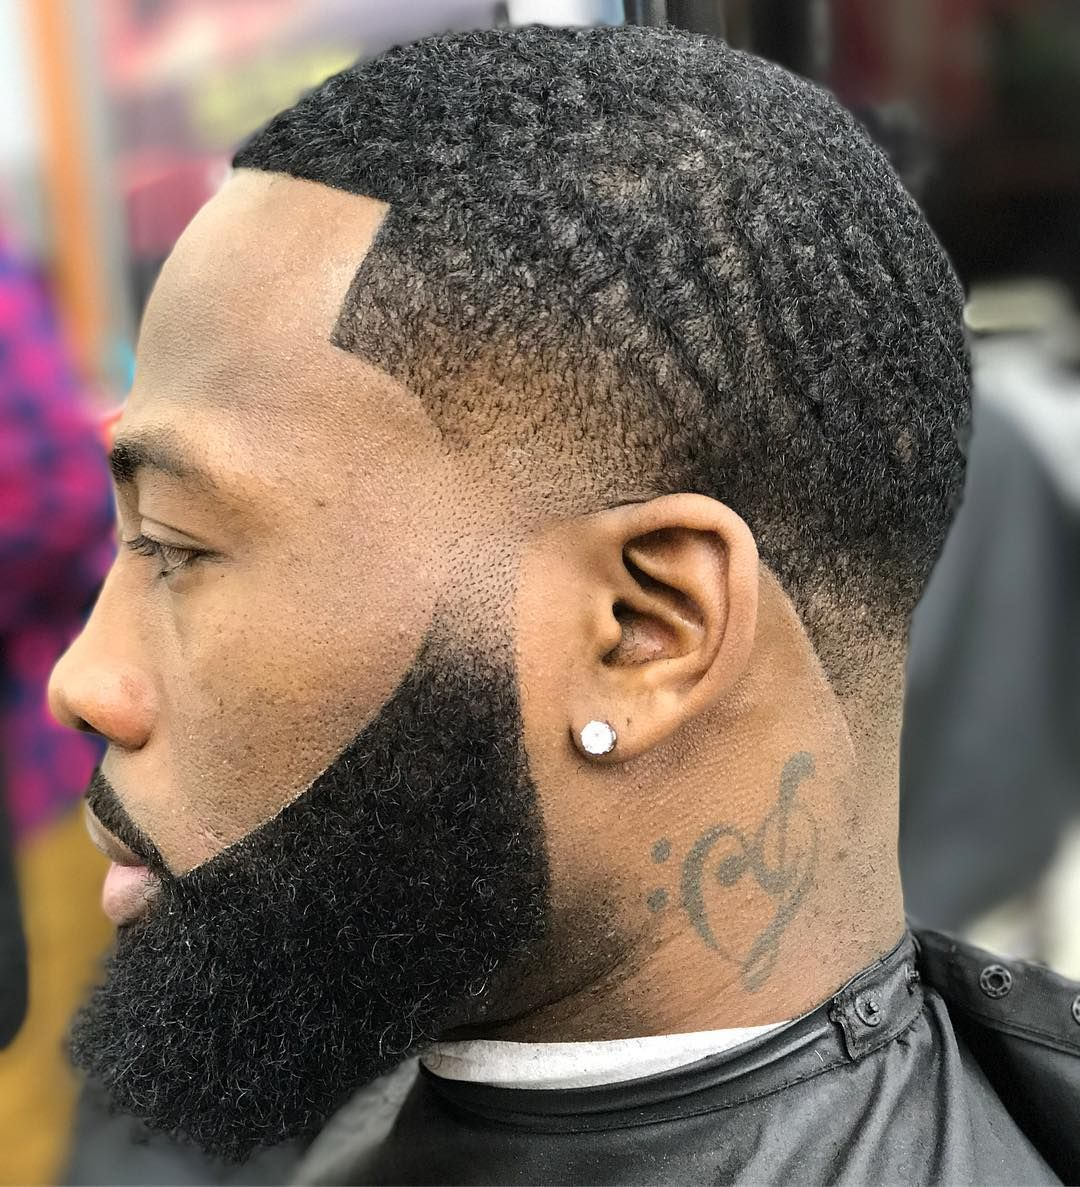 Rebellion beard style for black men | Black Men Beard ...